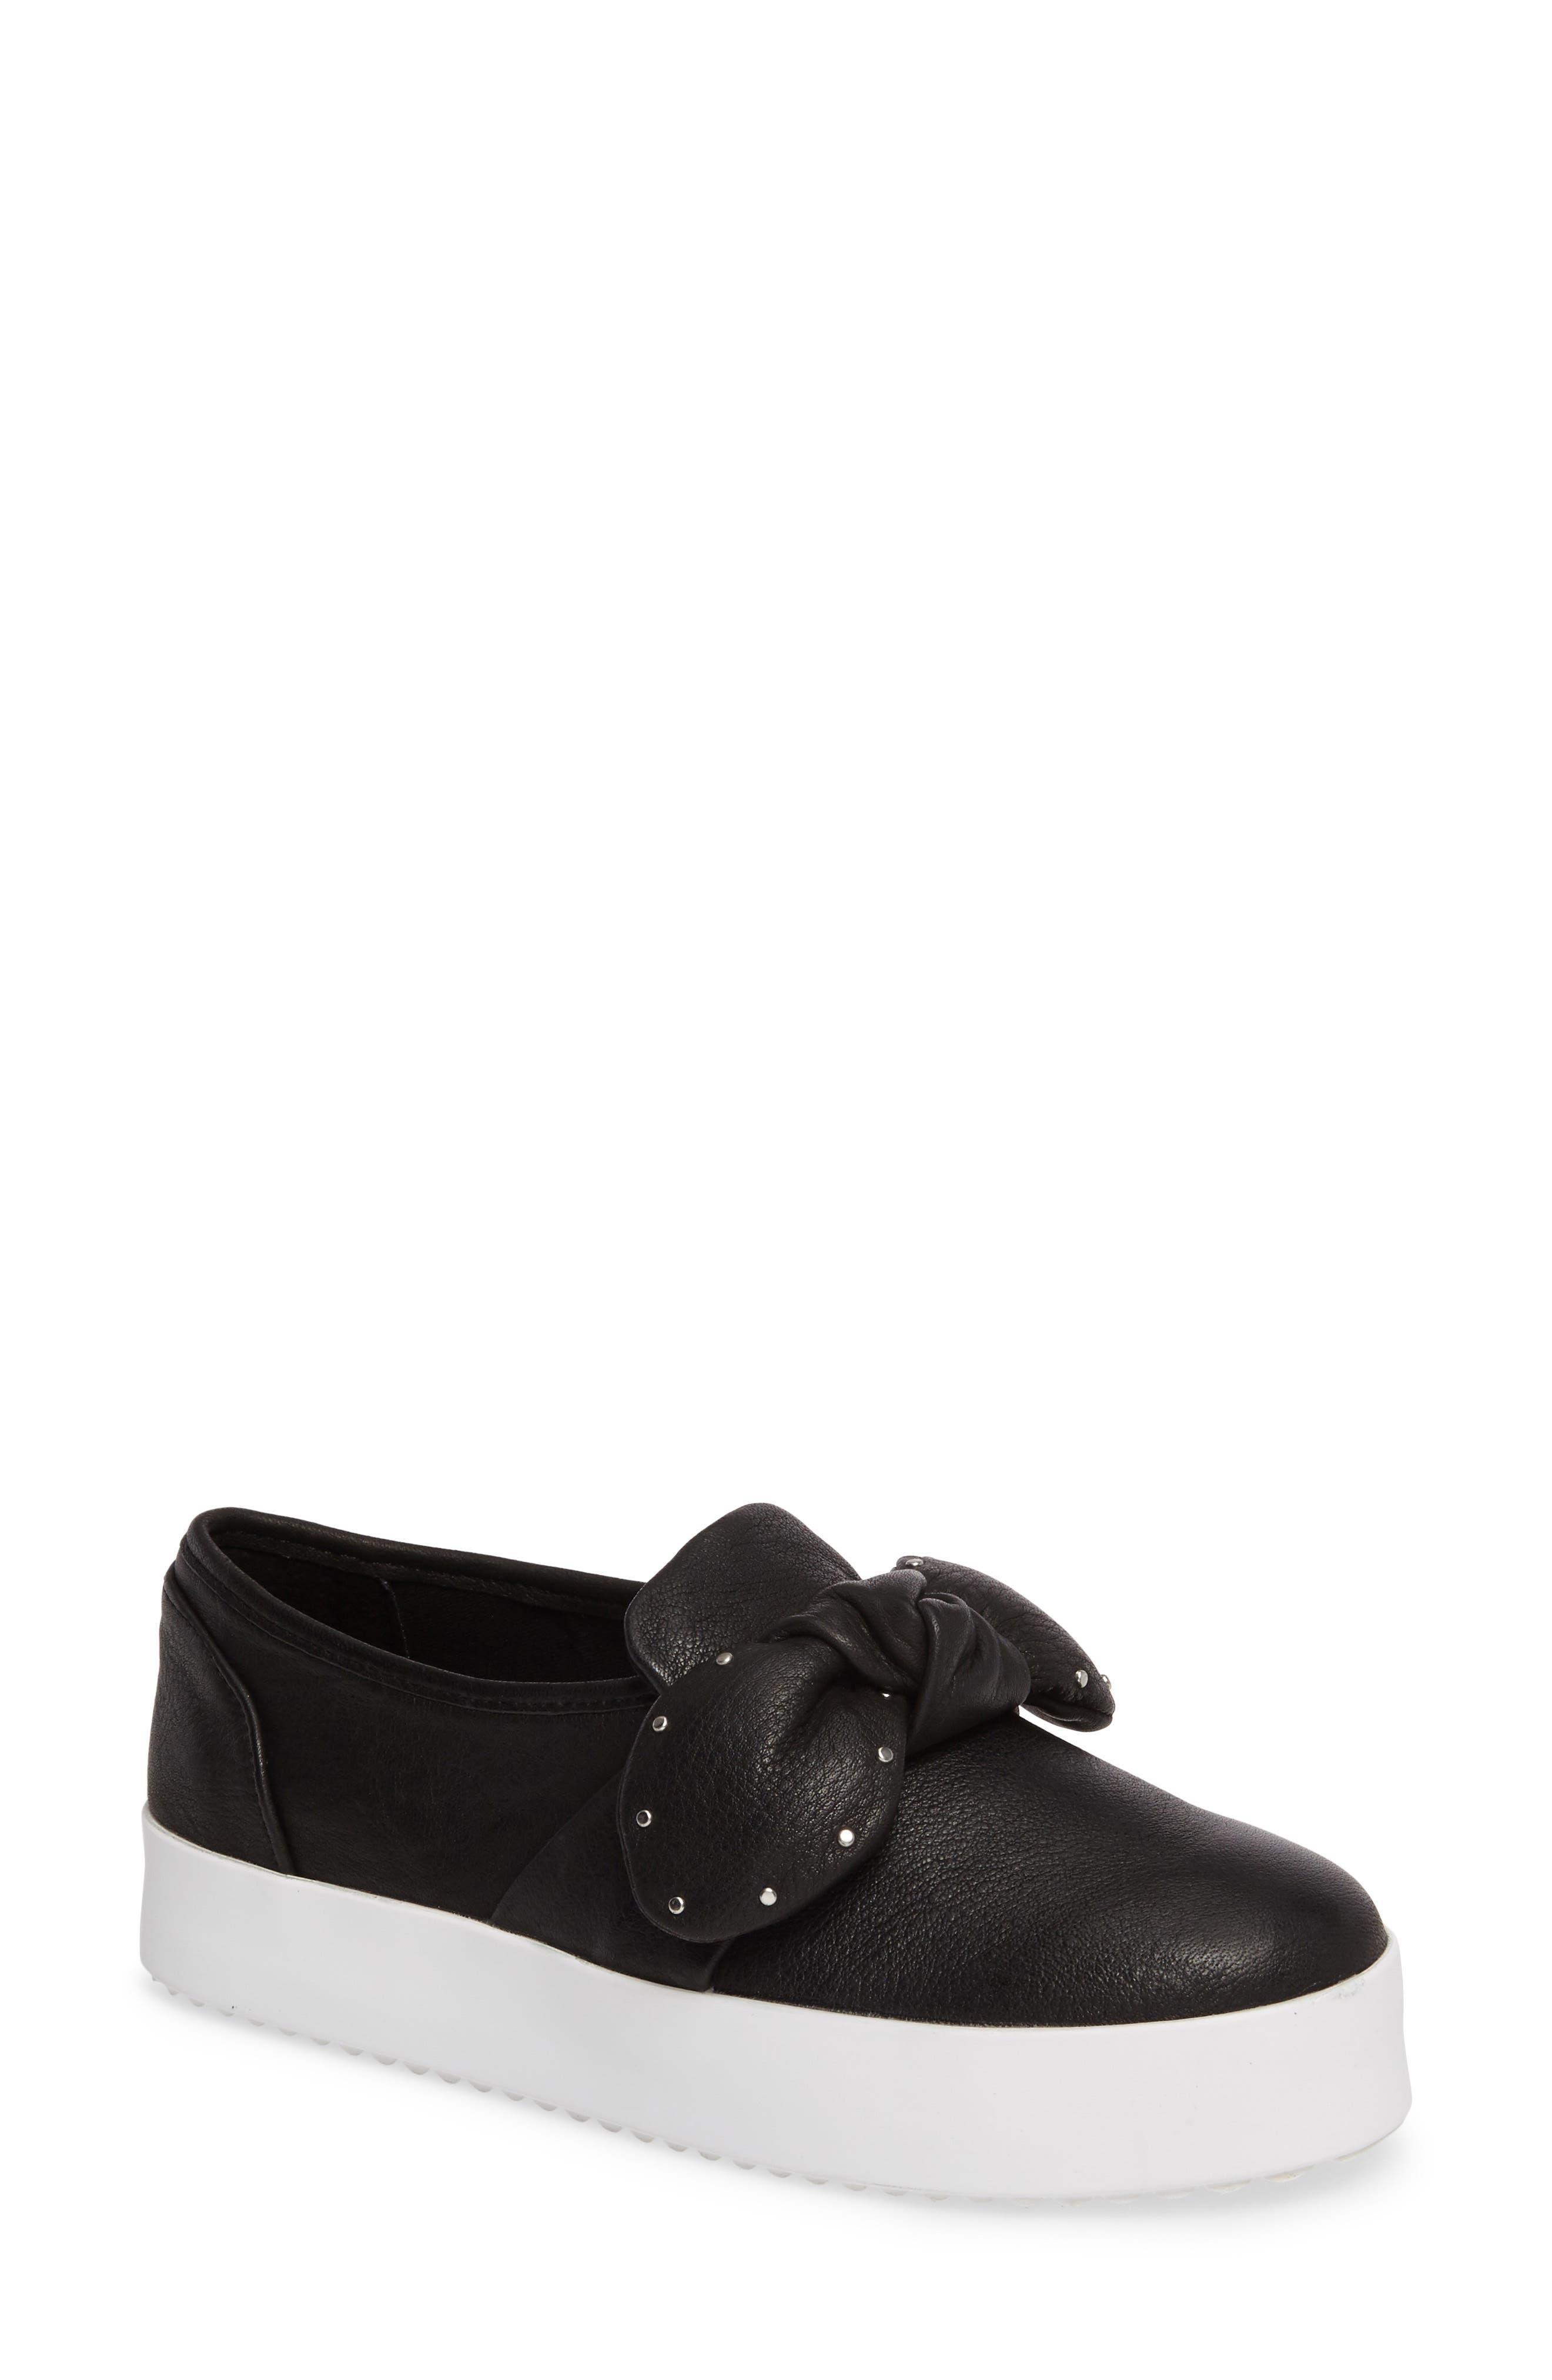 Stacey Studded Platform Slip-On,                         Main,                         color, Black Leather